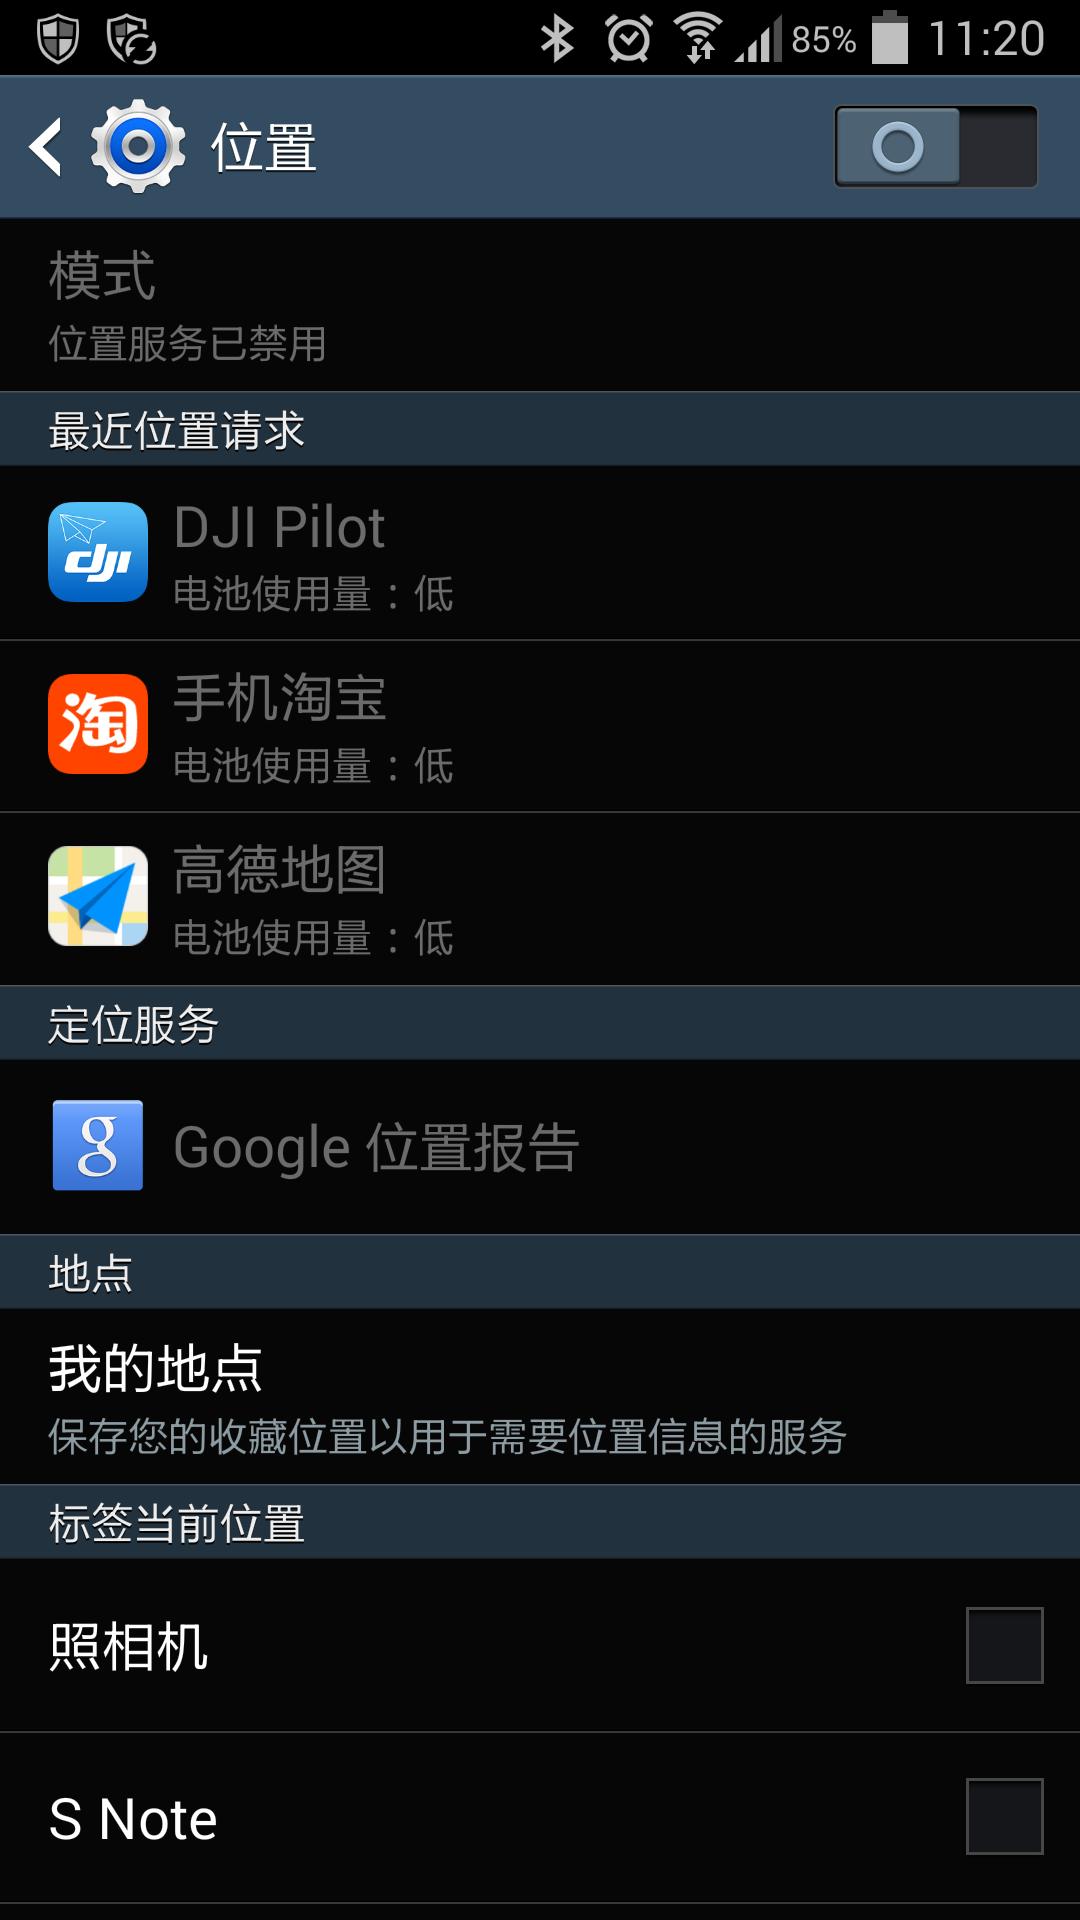 Screenshot_2015-01-20-11-20-45.jpg